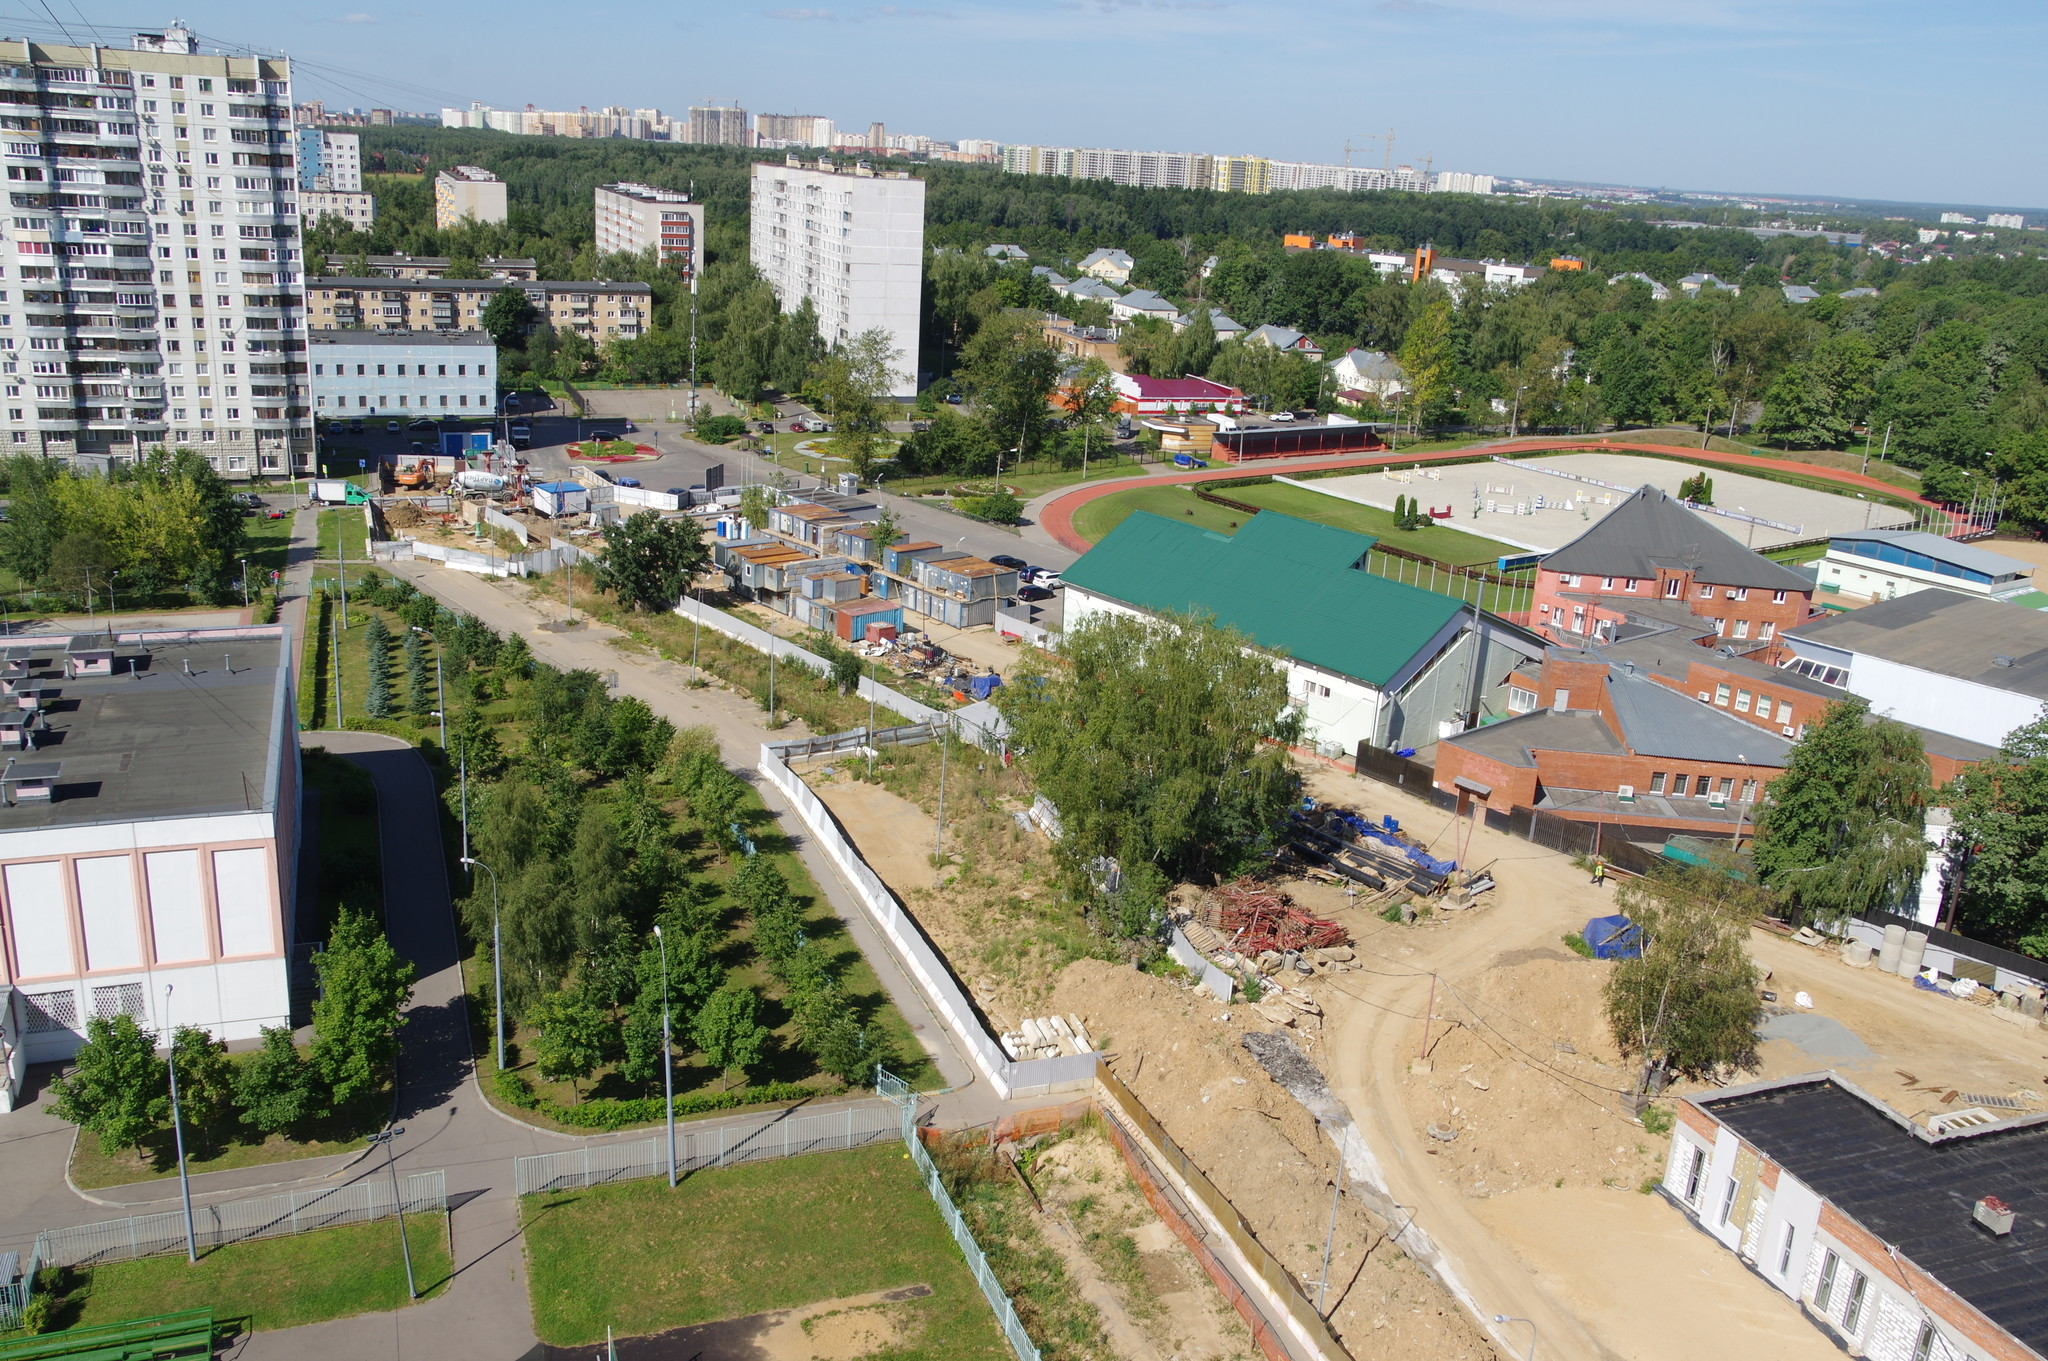 Строительство теплосети для спортивного комплекса ГБУ «Спортивная школа олимпийского резерва «Северный» (9-я Северная линия, 1б)